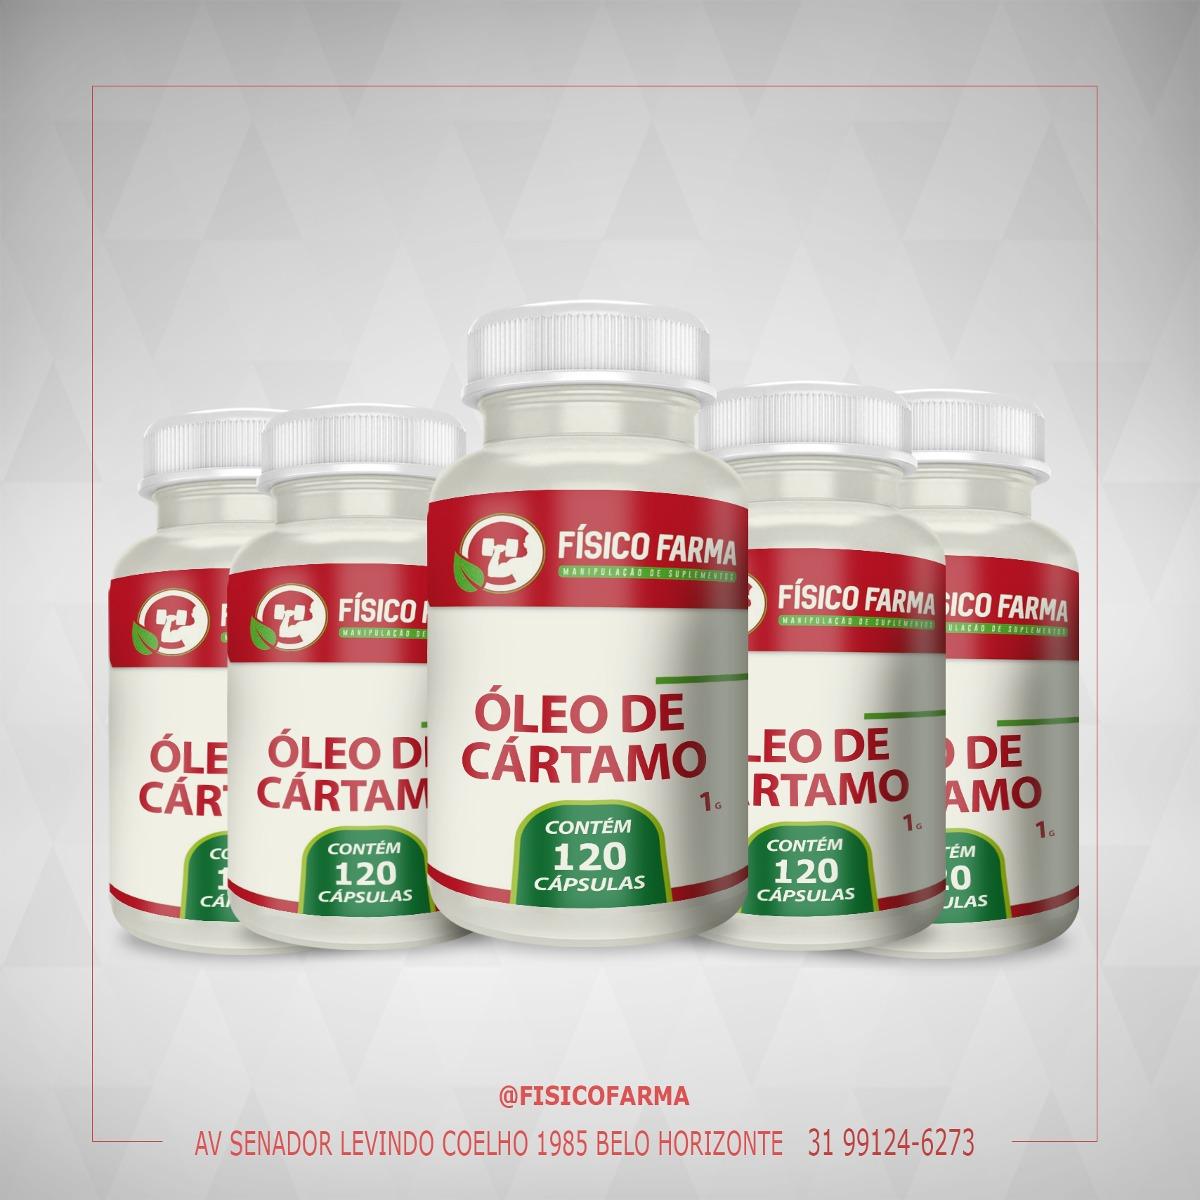 Kit Especial - 5 frascos de Óleo de Cártamo 1g